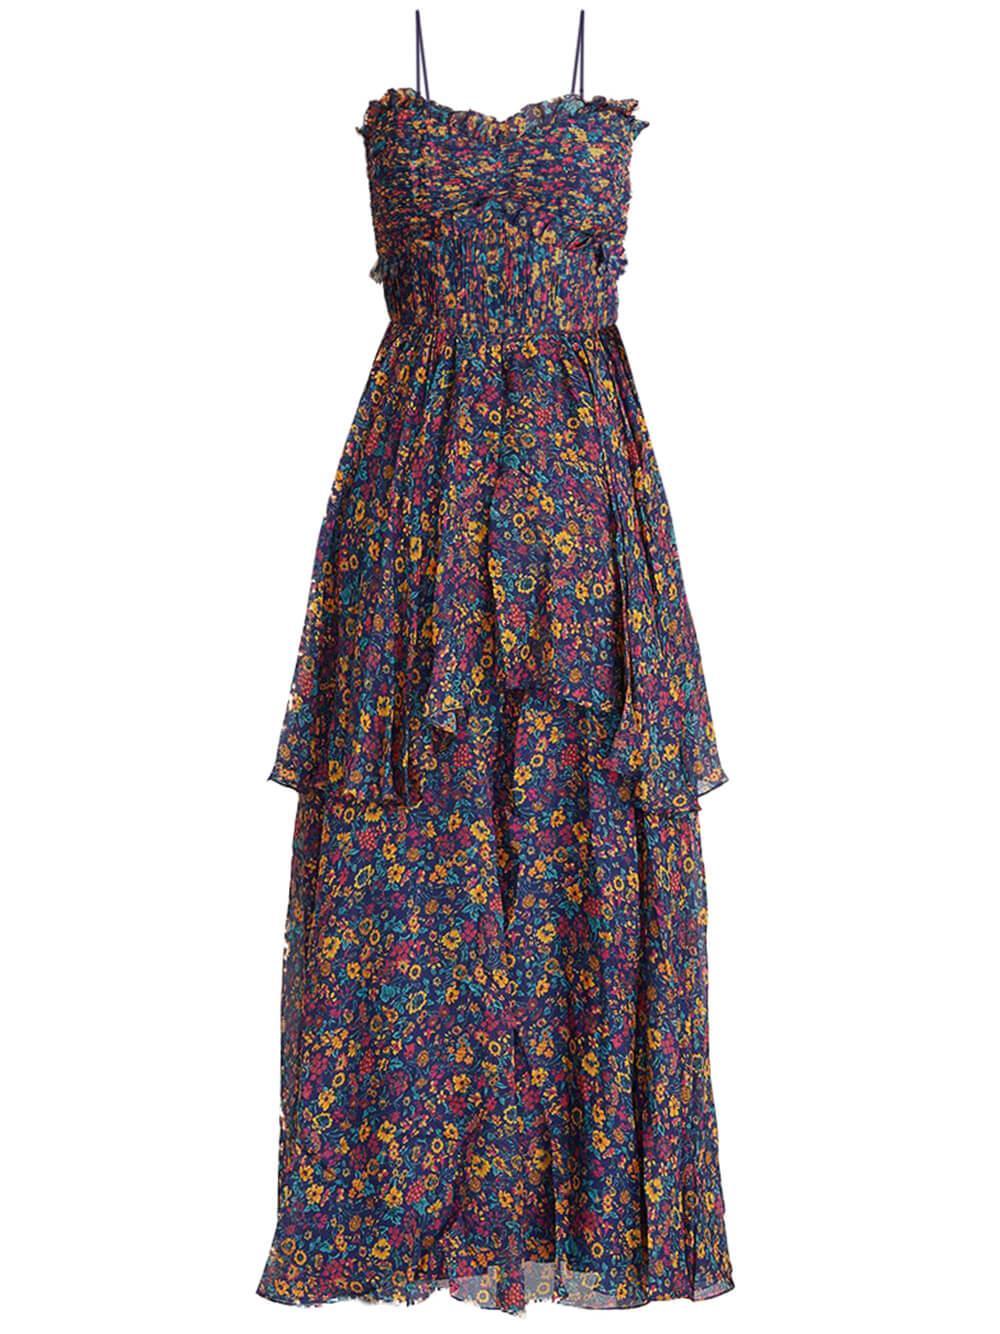 Kiko Tiered Floral Maxi Dress Item # 5816597